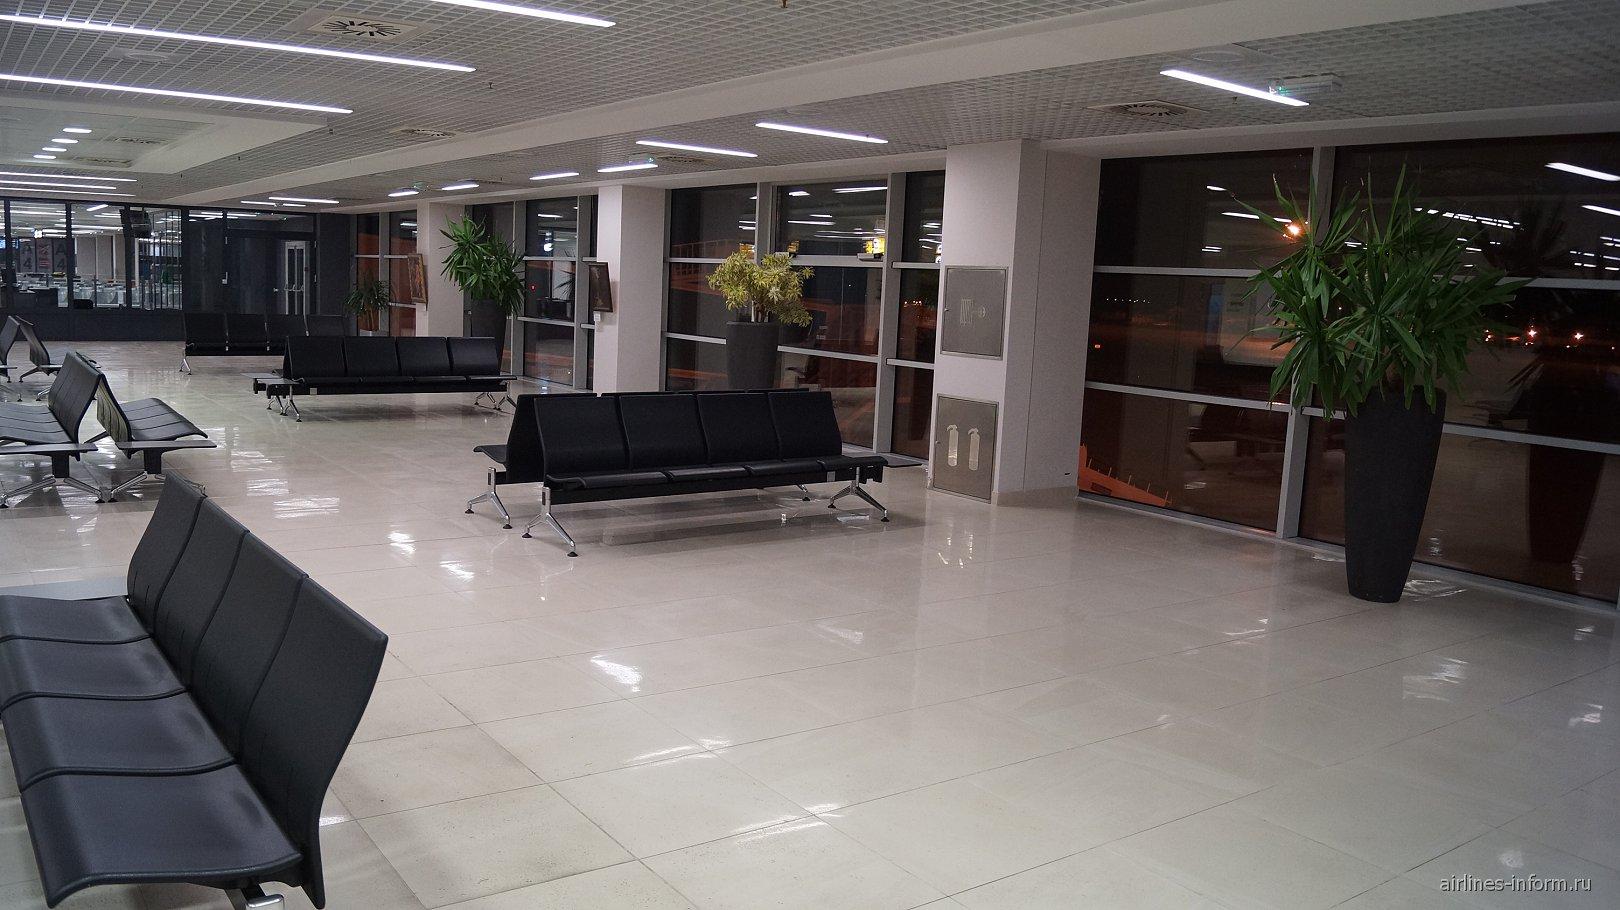 Зал ожидания в чистой зоне терминала 2 аэропорта Белград Никола Тесла